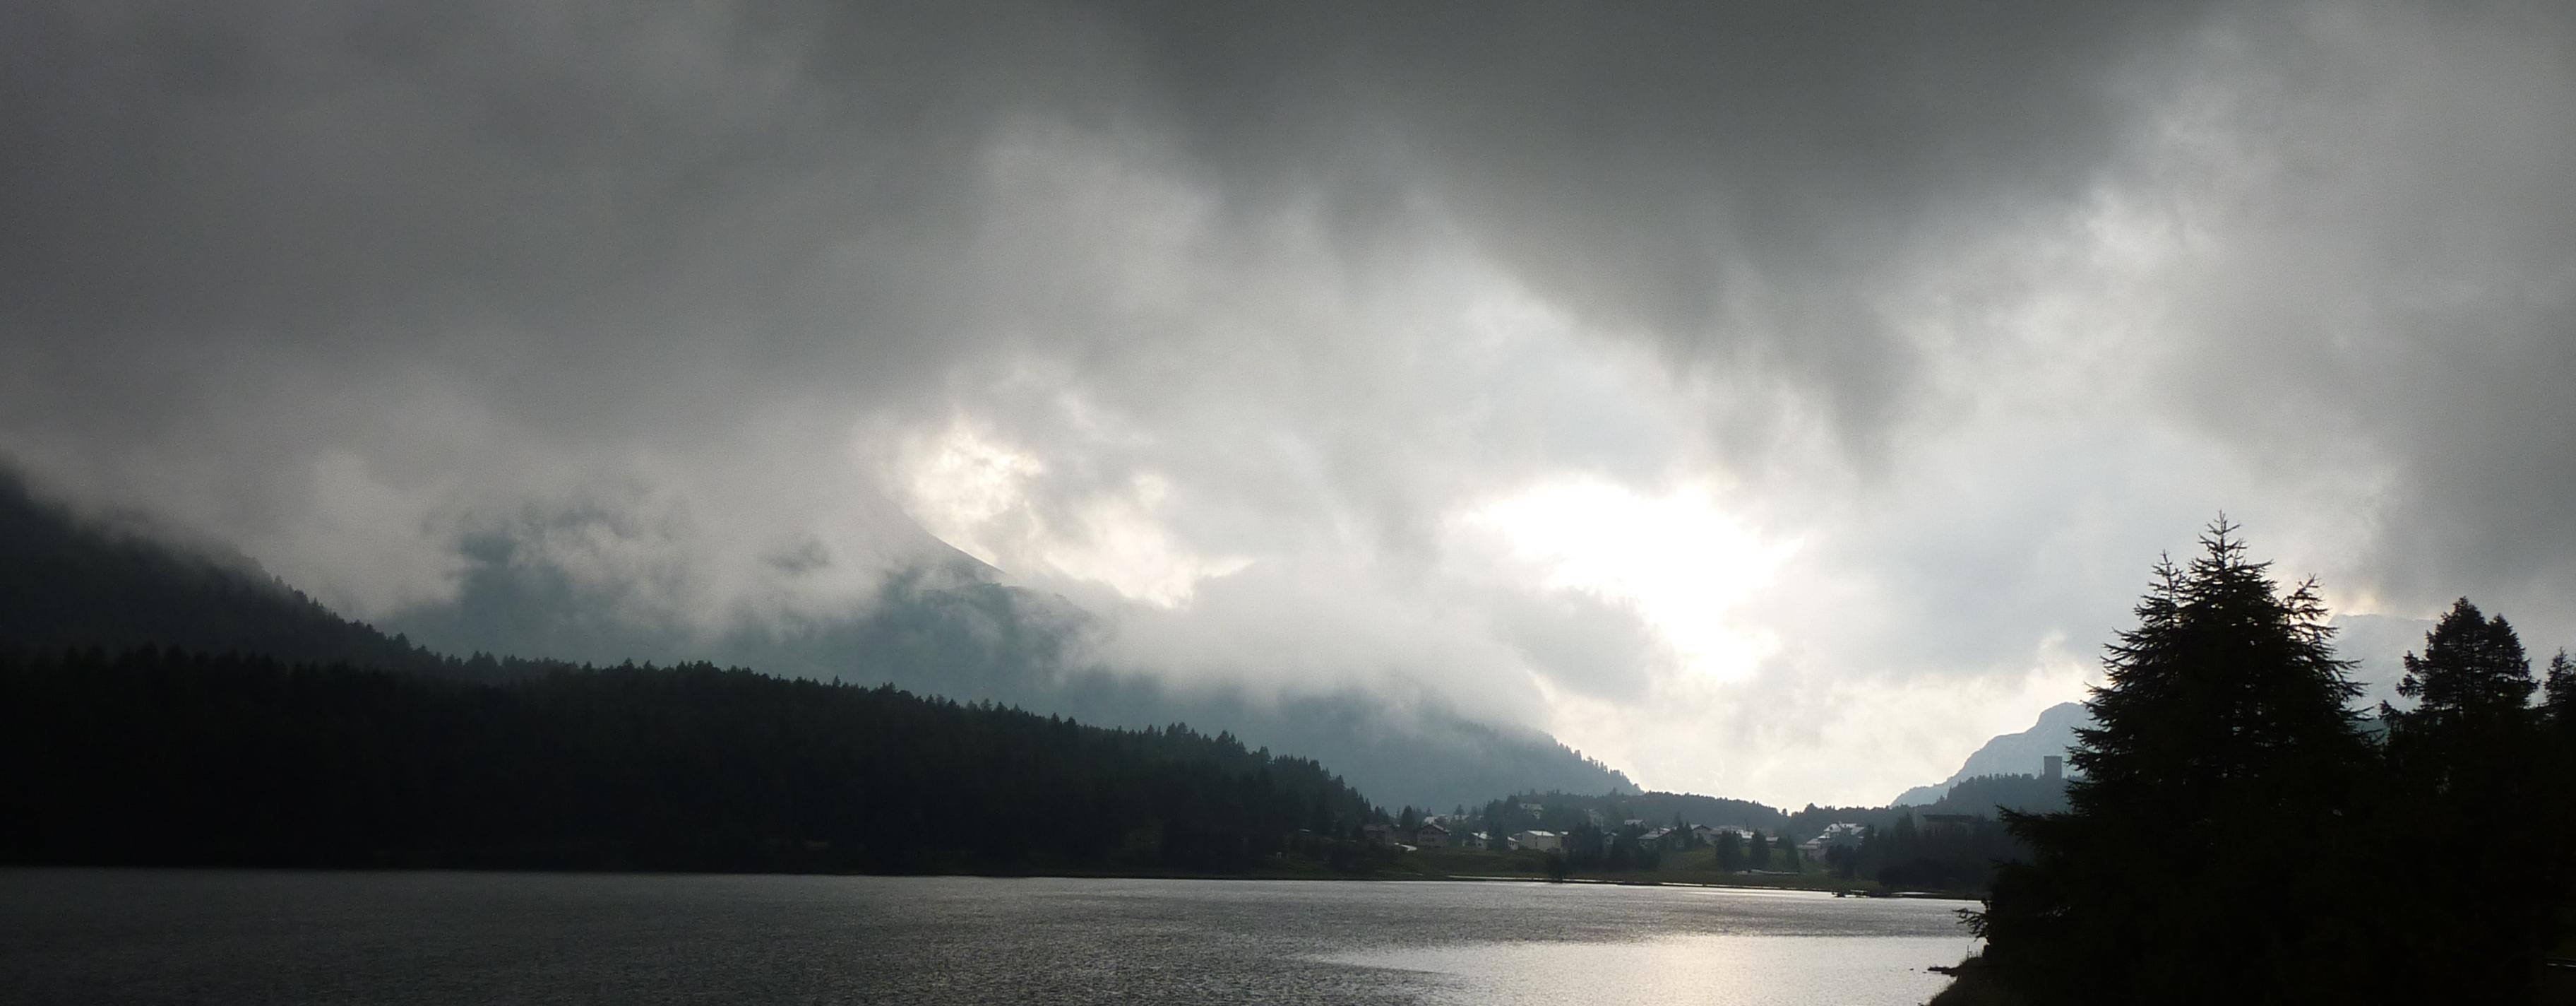 Bel video sul lago - 5 9